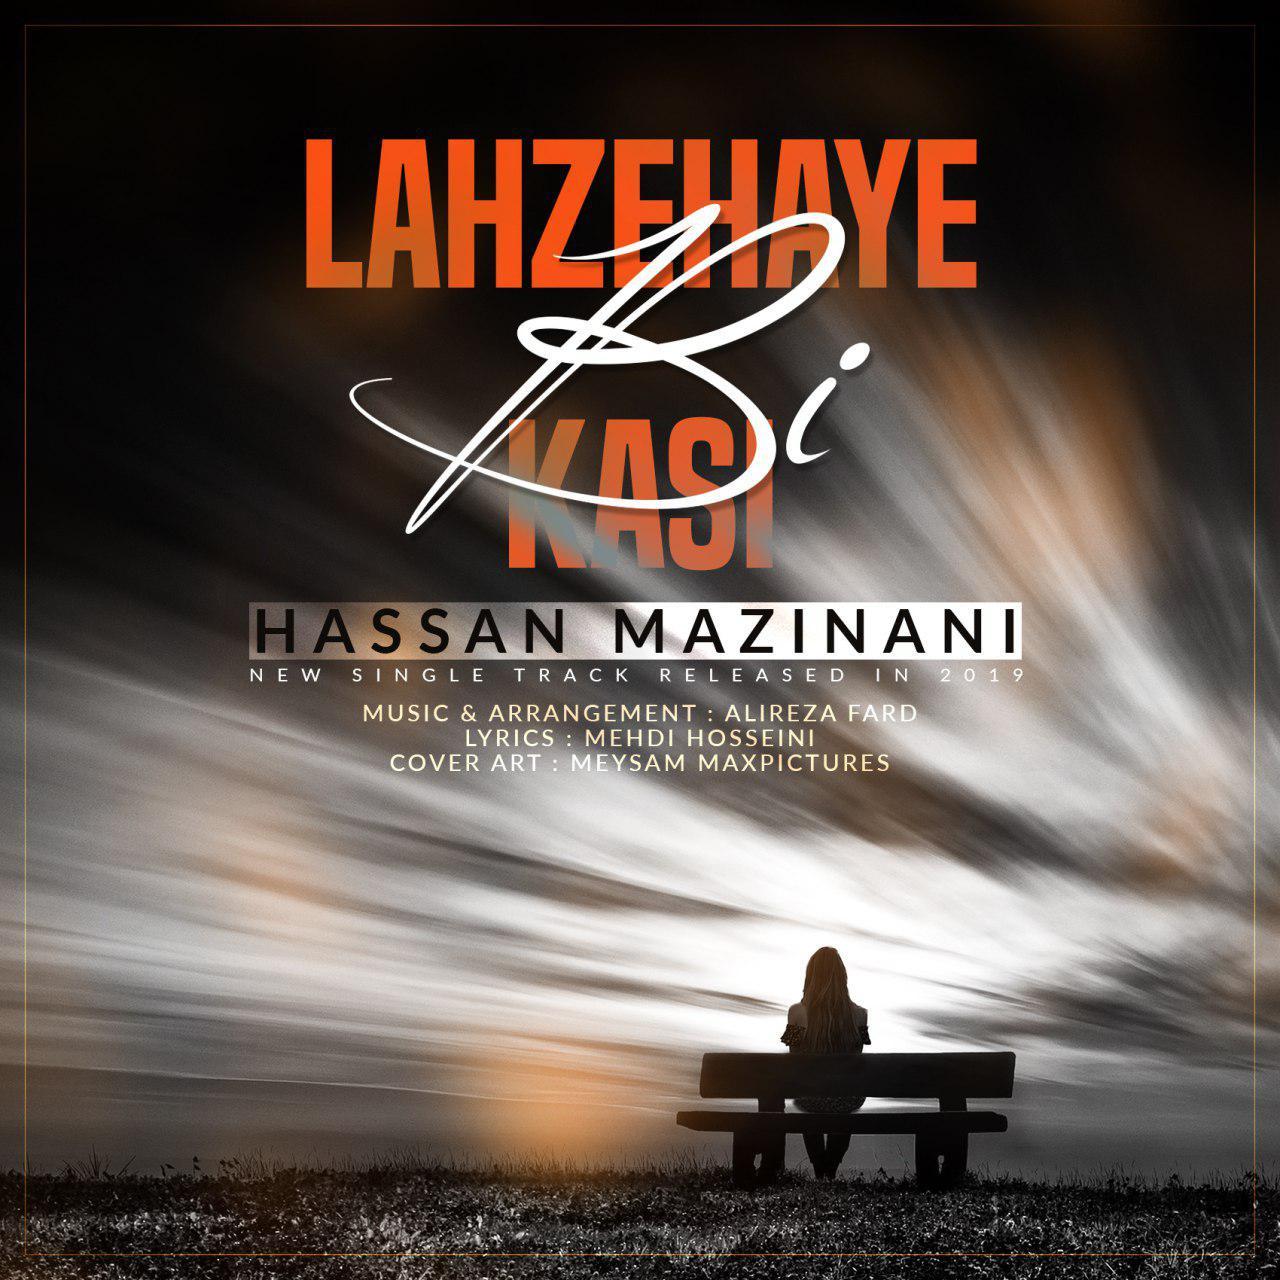 Hassan Mazinani – Lahzehaye Bi Kasi